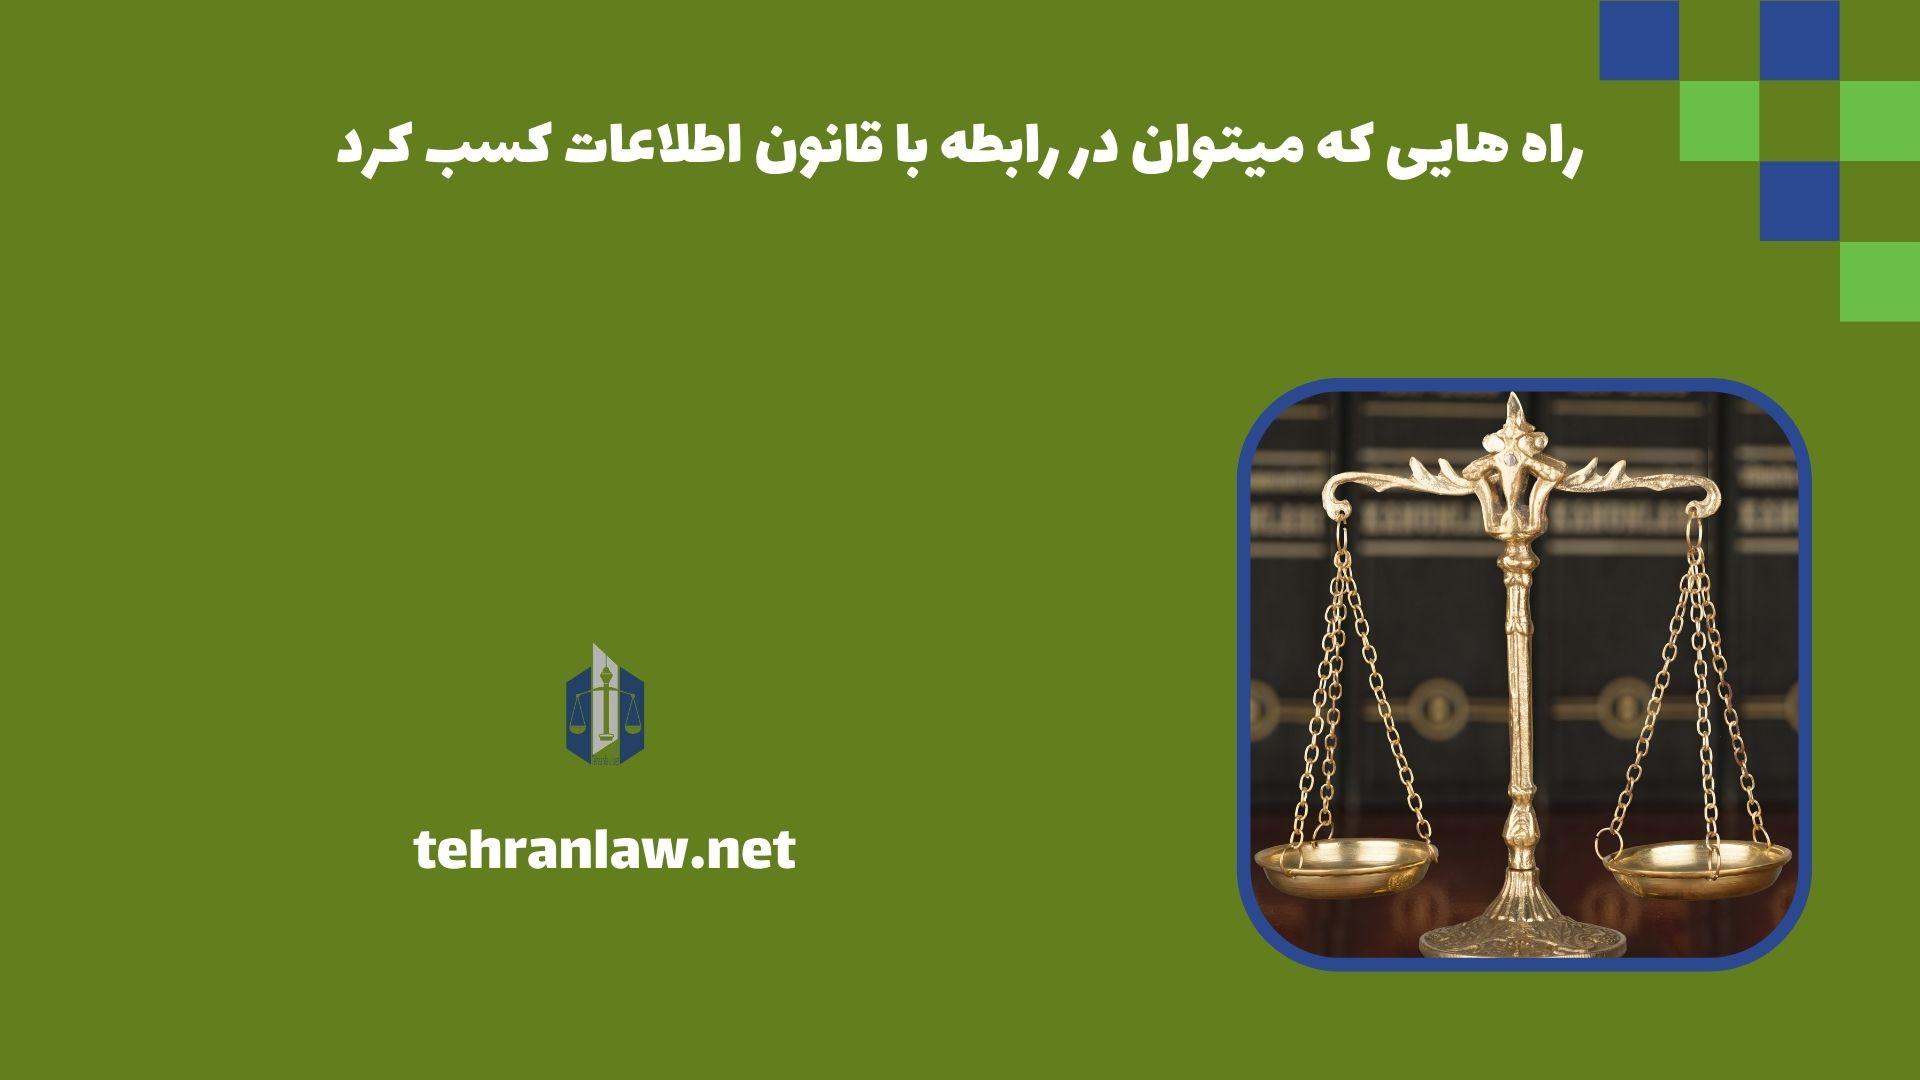 راه هایی که میتوان در رابطه با قانون اطلاعات کسب کرد